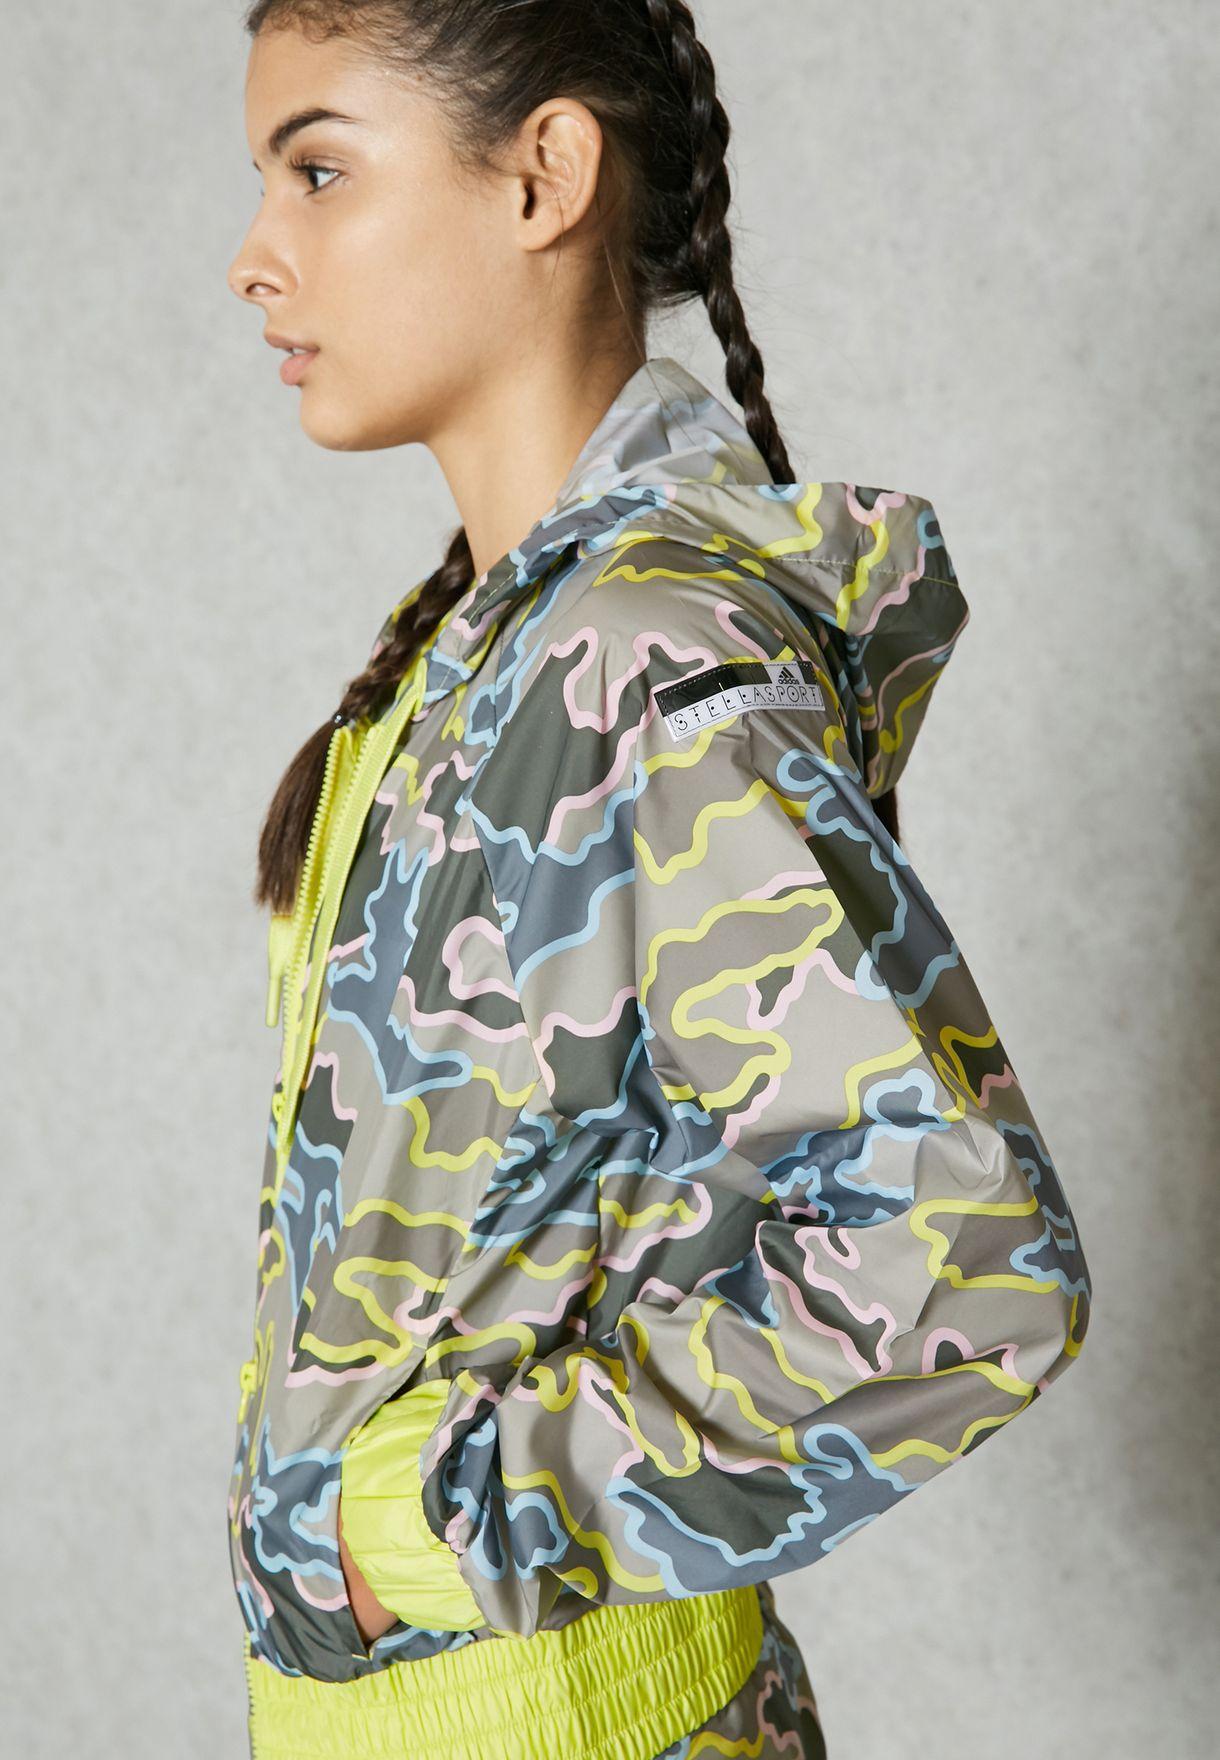 83b51b94fa Shop adidas Stellasport prints Zip Camo Jacket AZ7754 for Women in UAE -  AD895AT51EZG